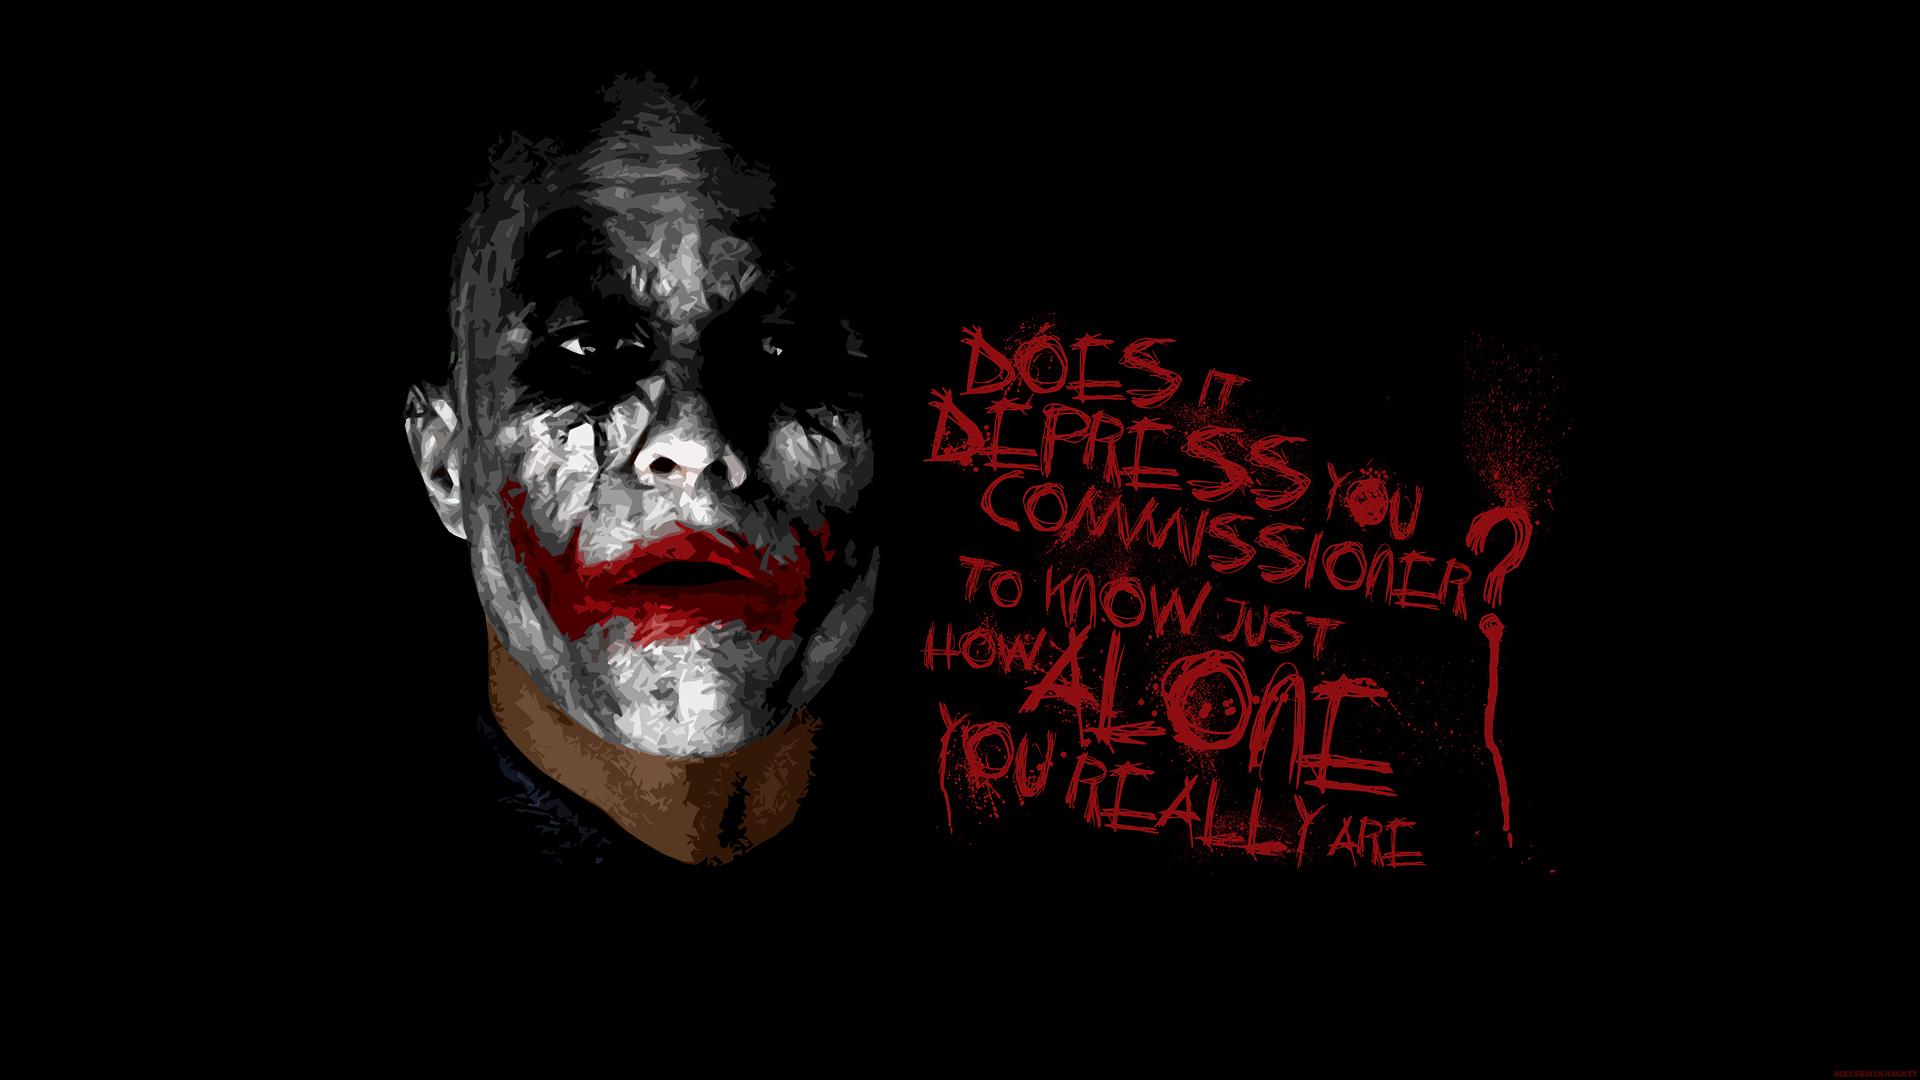 Cool Wallpapers Joker Batman Hd Wallpaper Cool Wallpapers 1920x1080